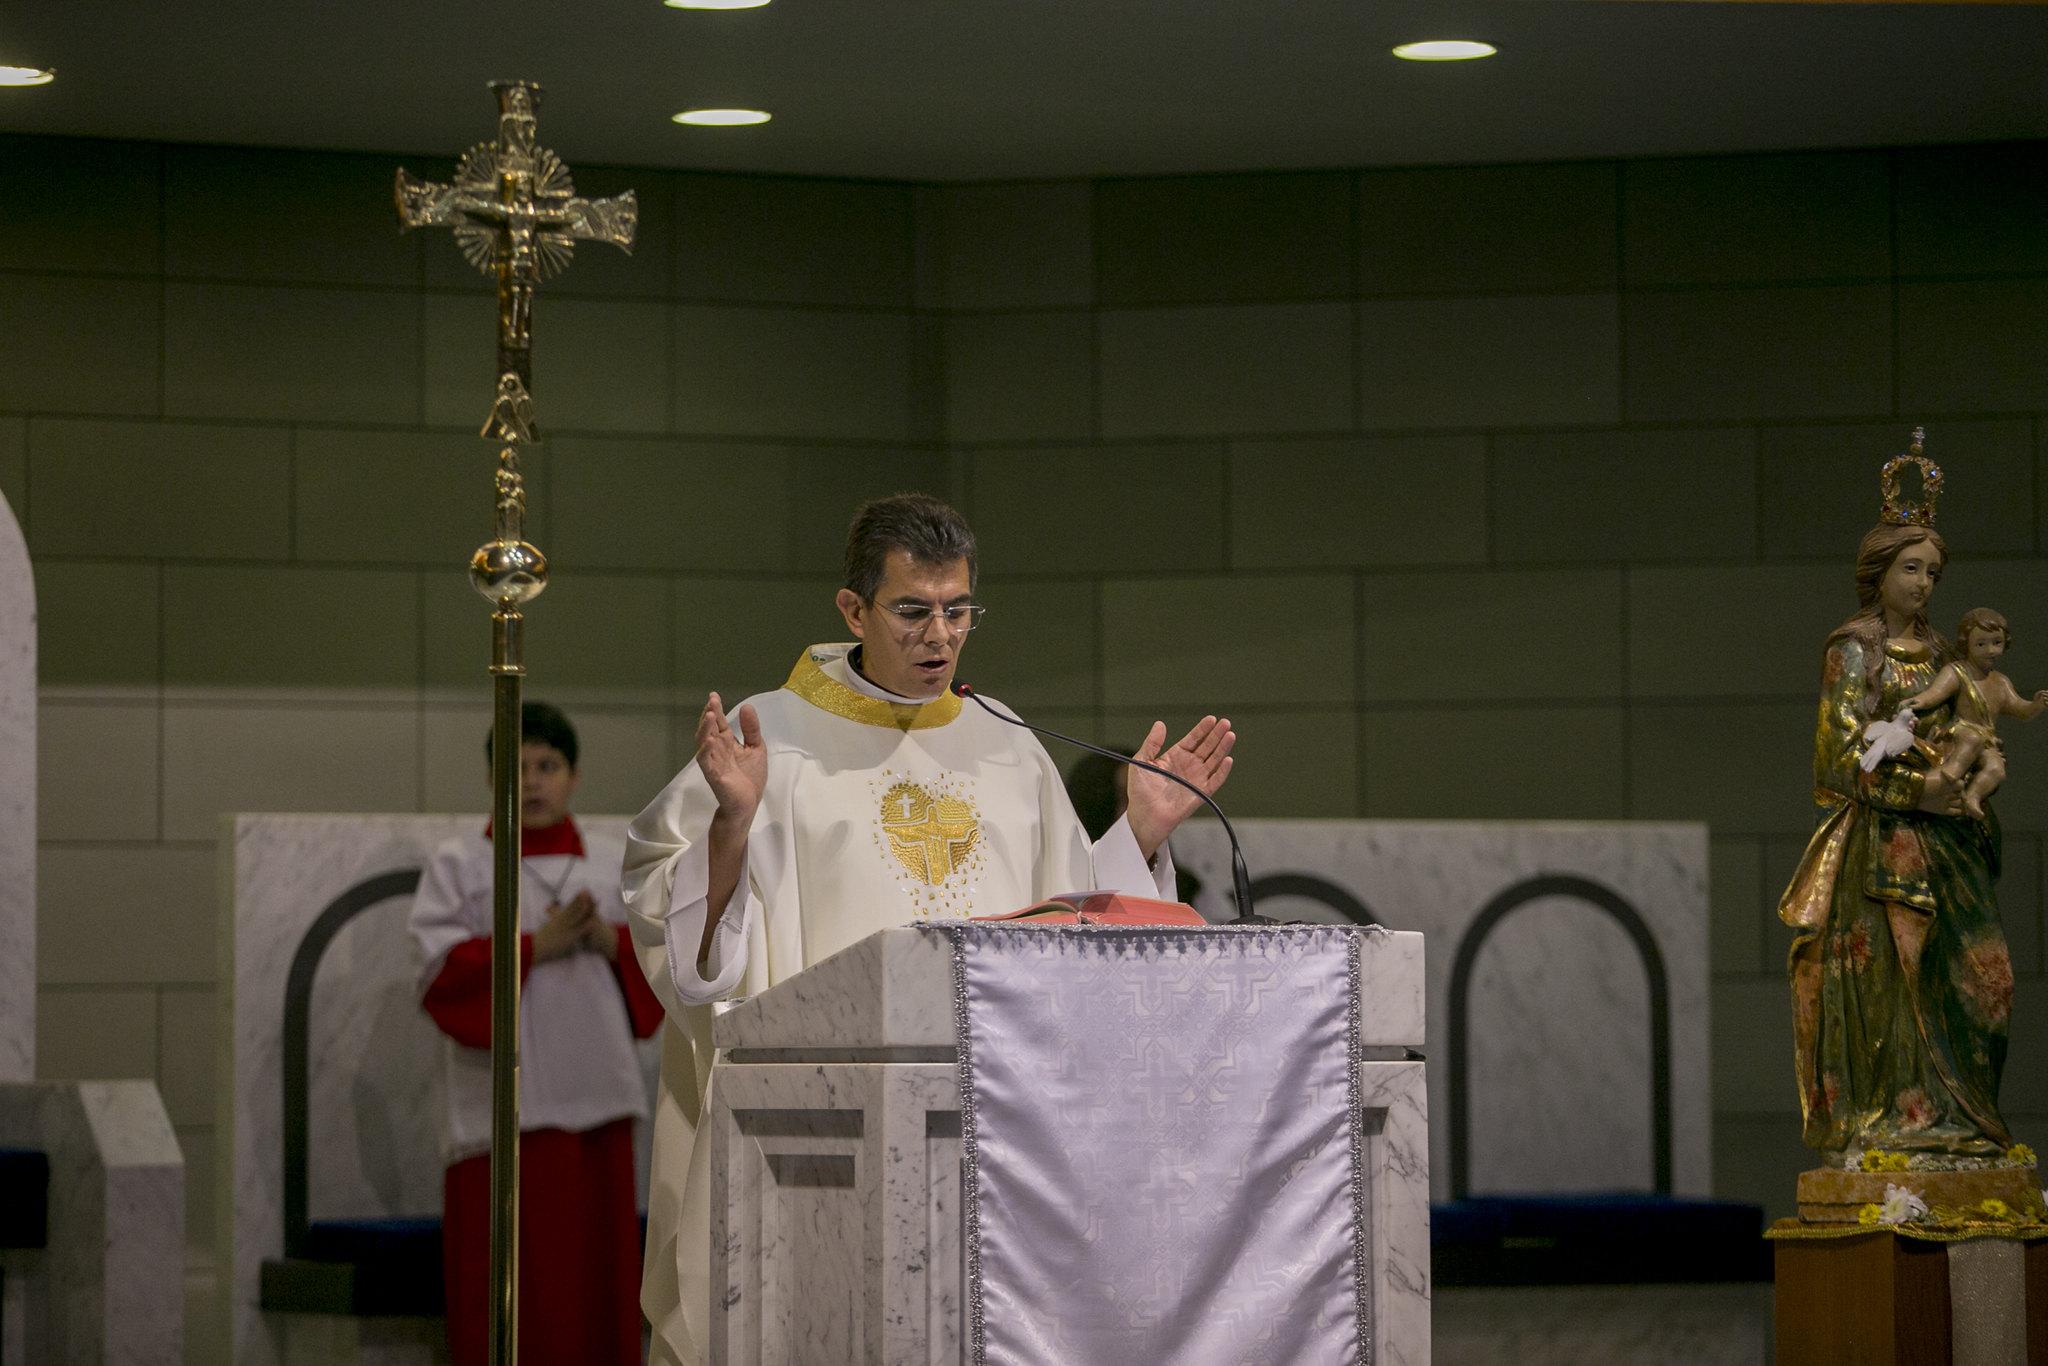 2014 - Padre Geraldo Cardoso nomeado pároco- Paróquia Nossa Senhora da Esperança, Asa Norte, Brasília-DF..jpg